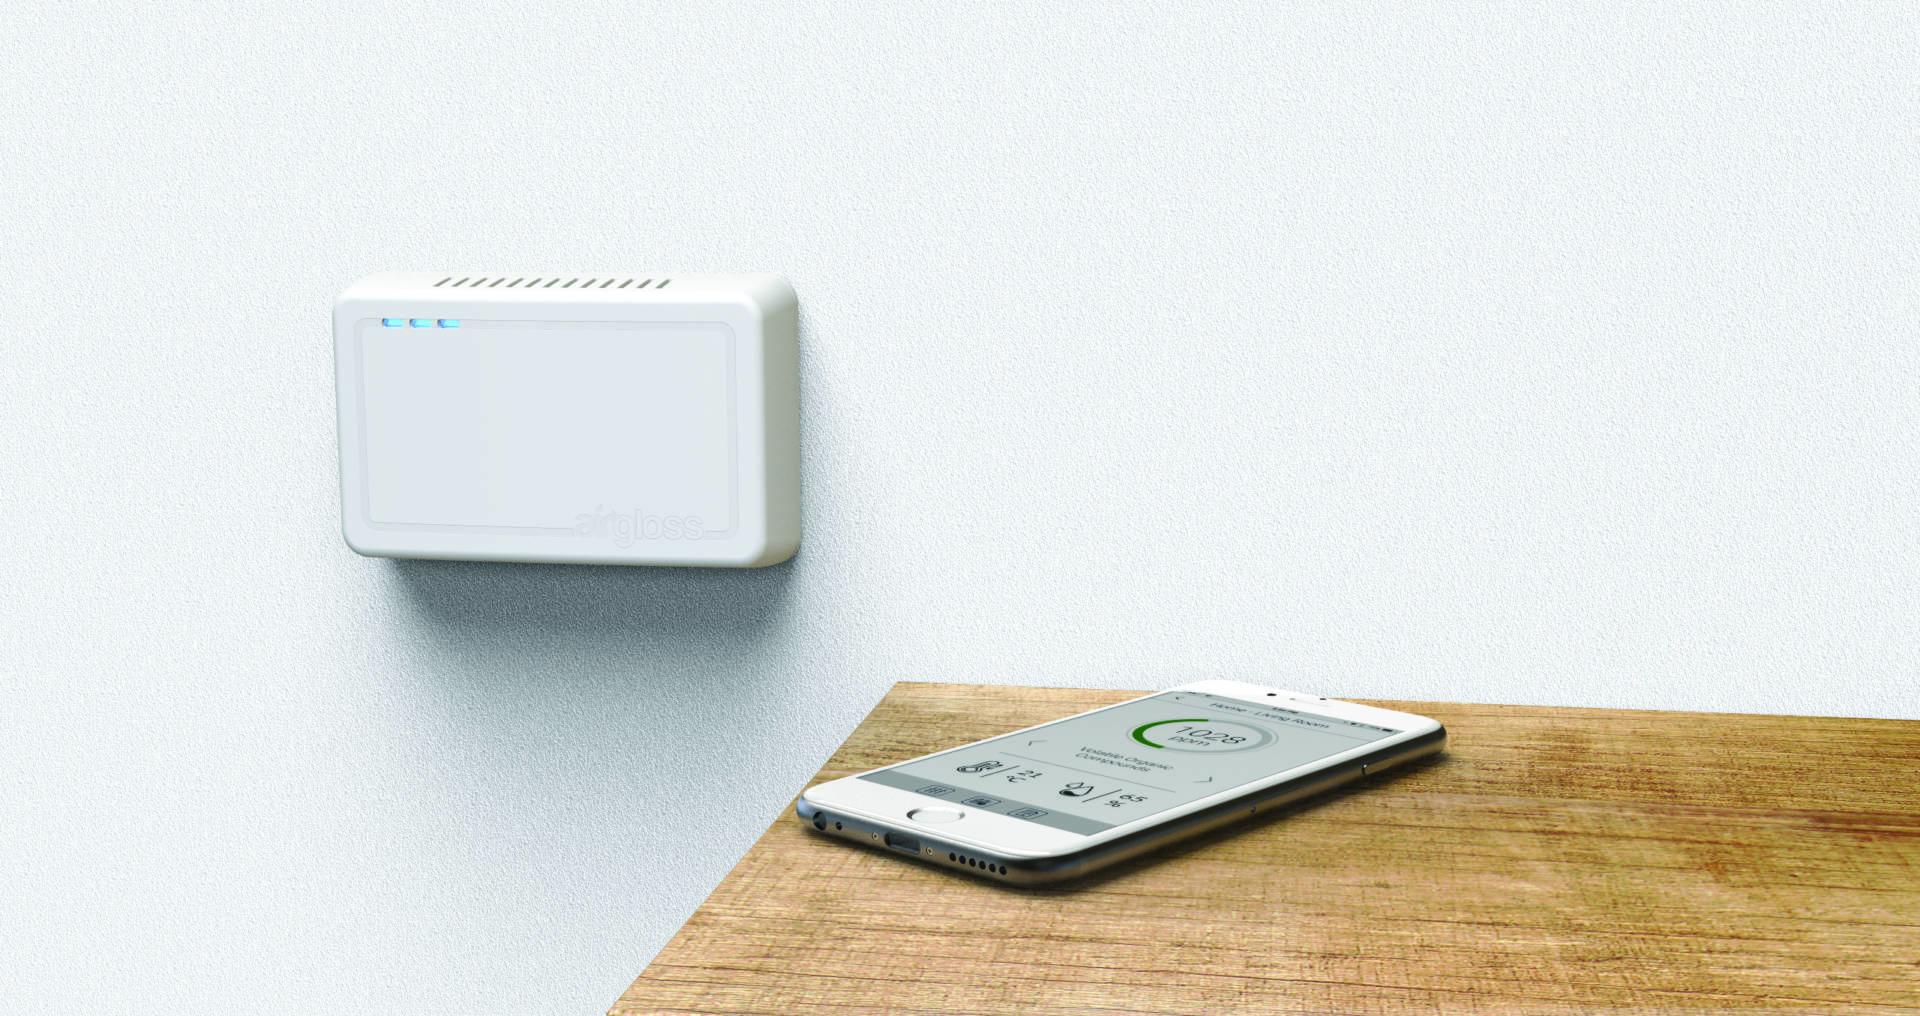 Airgloss Prosense Air Quality Monitor